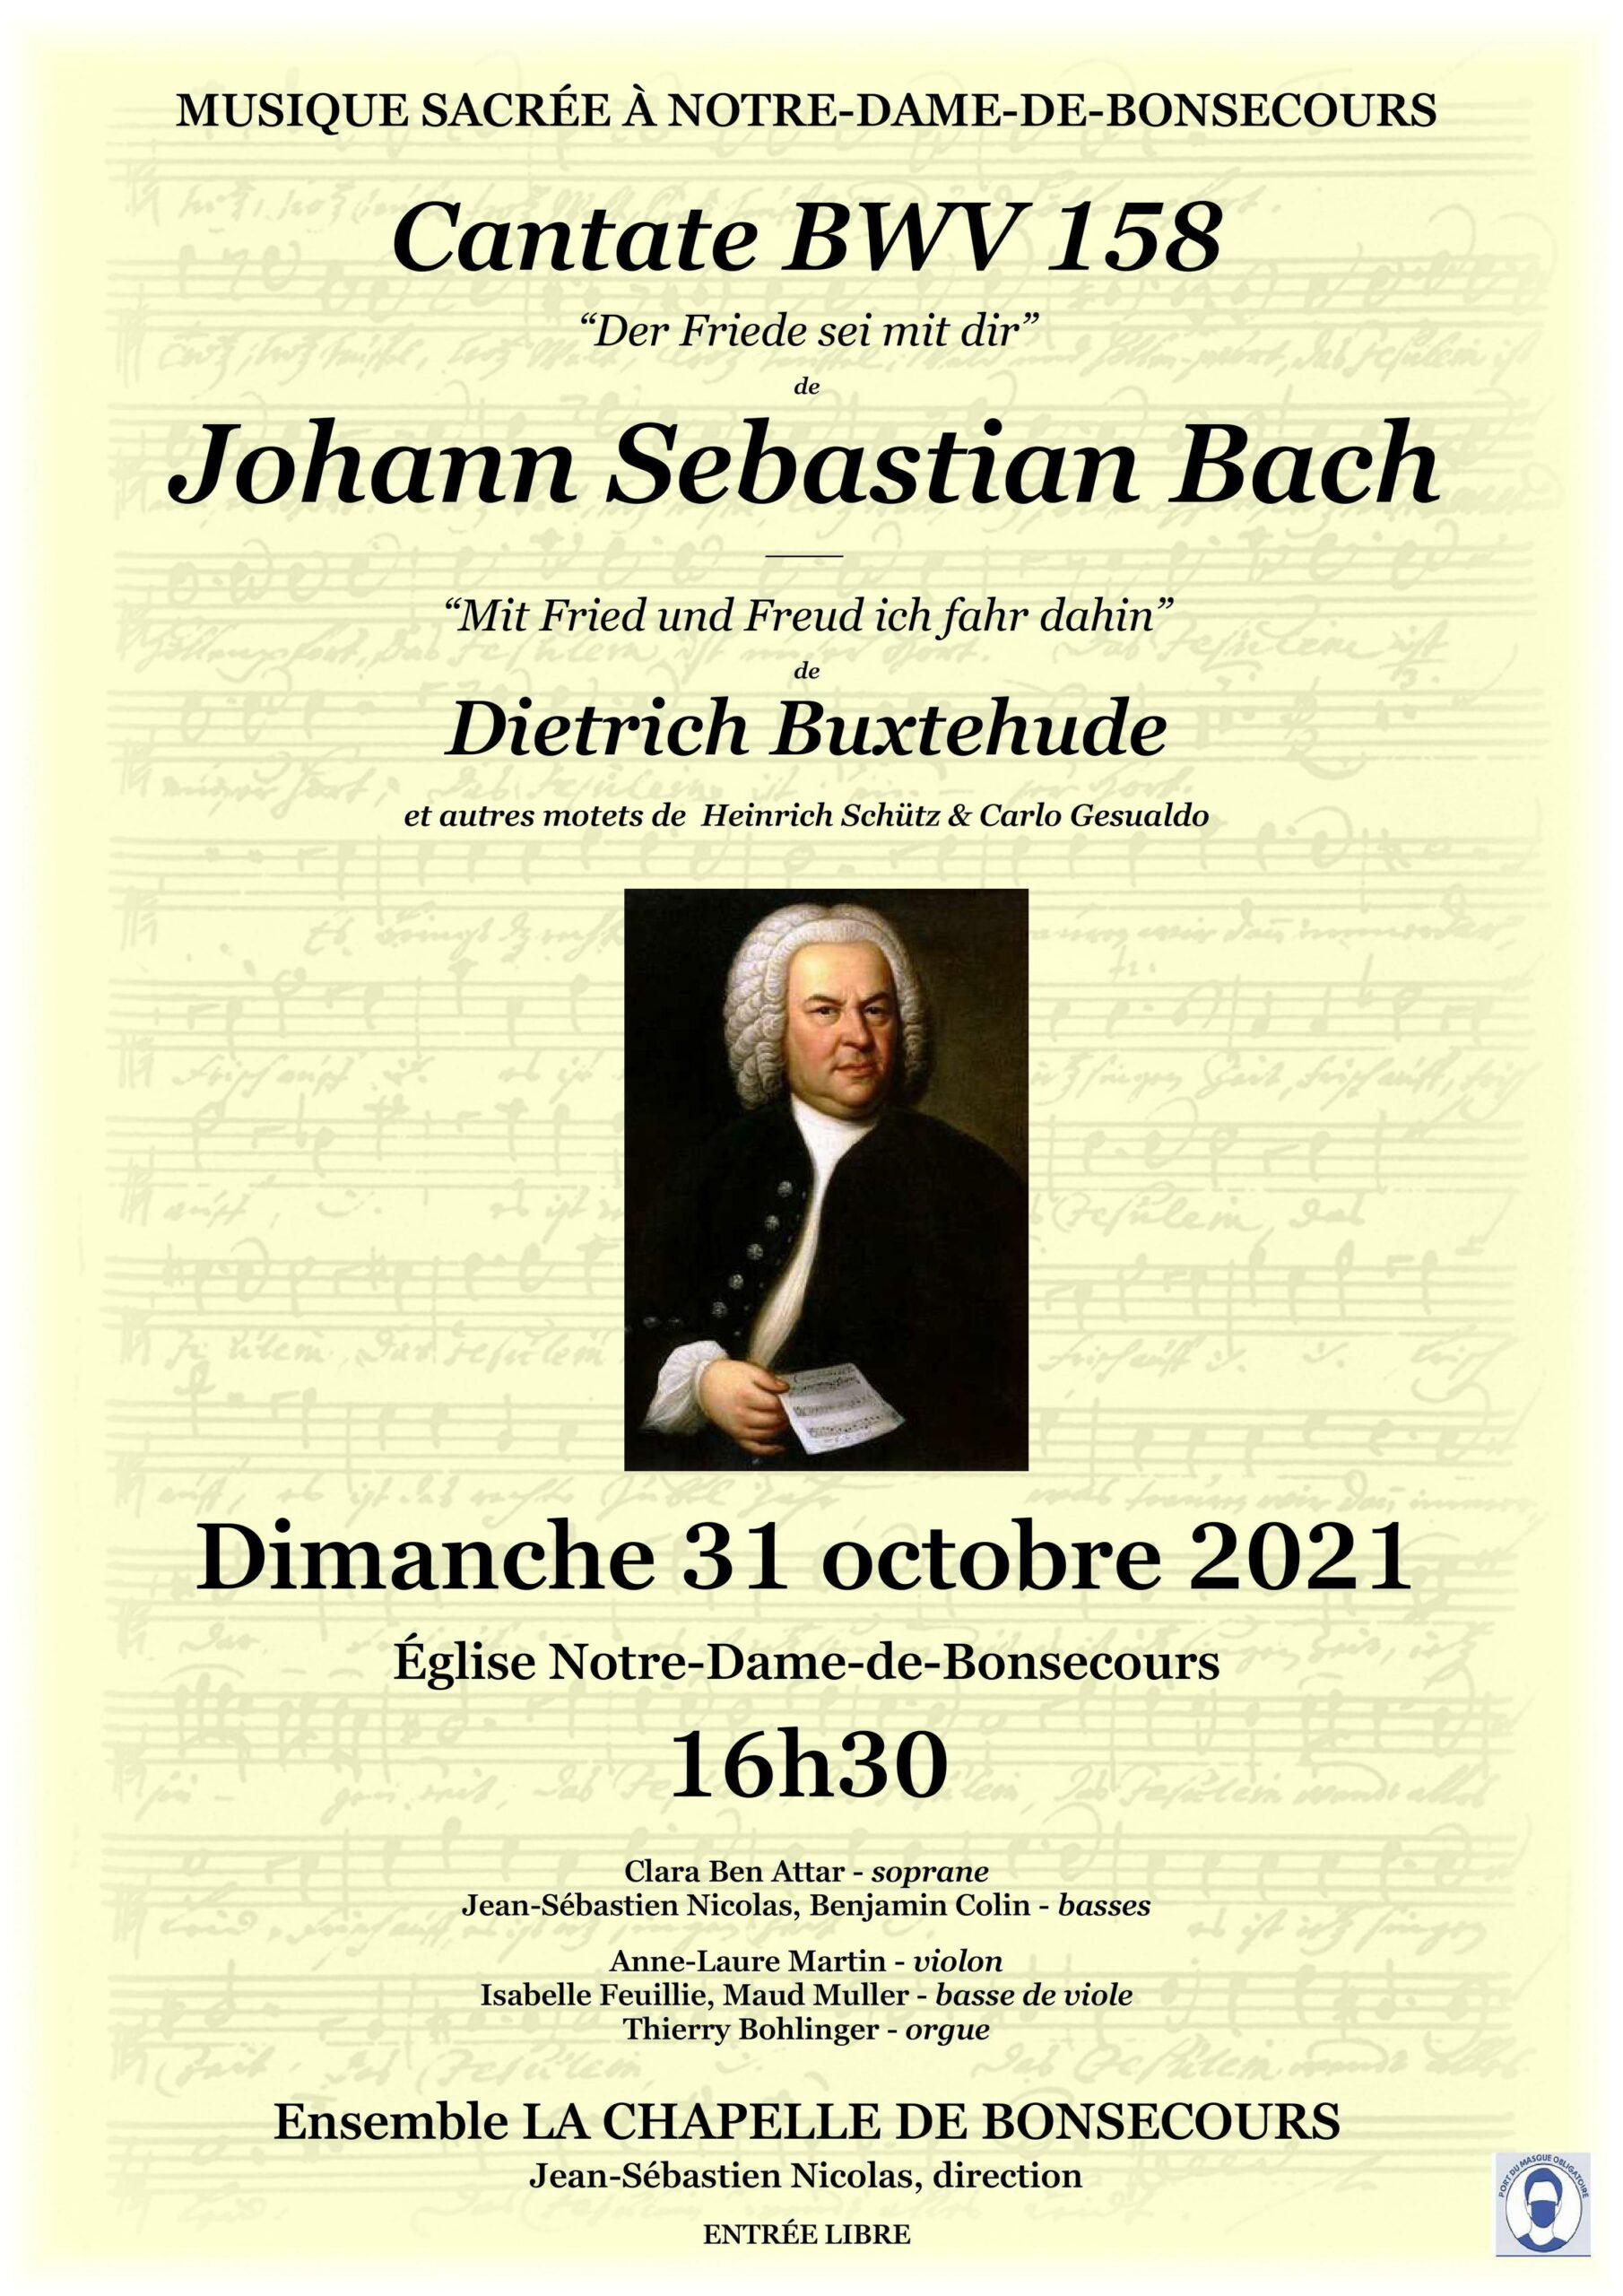 CANTATE BWV 158 DE JOHANN SEBASTIAN BACH Nancy